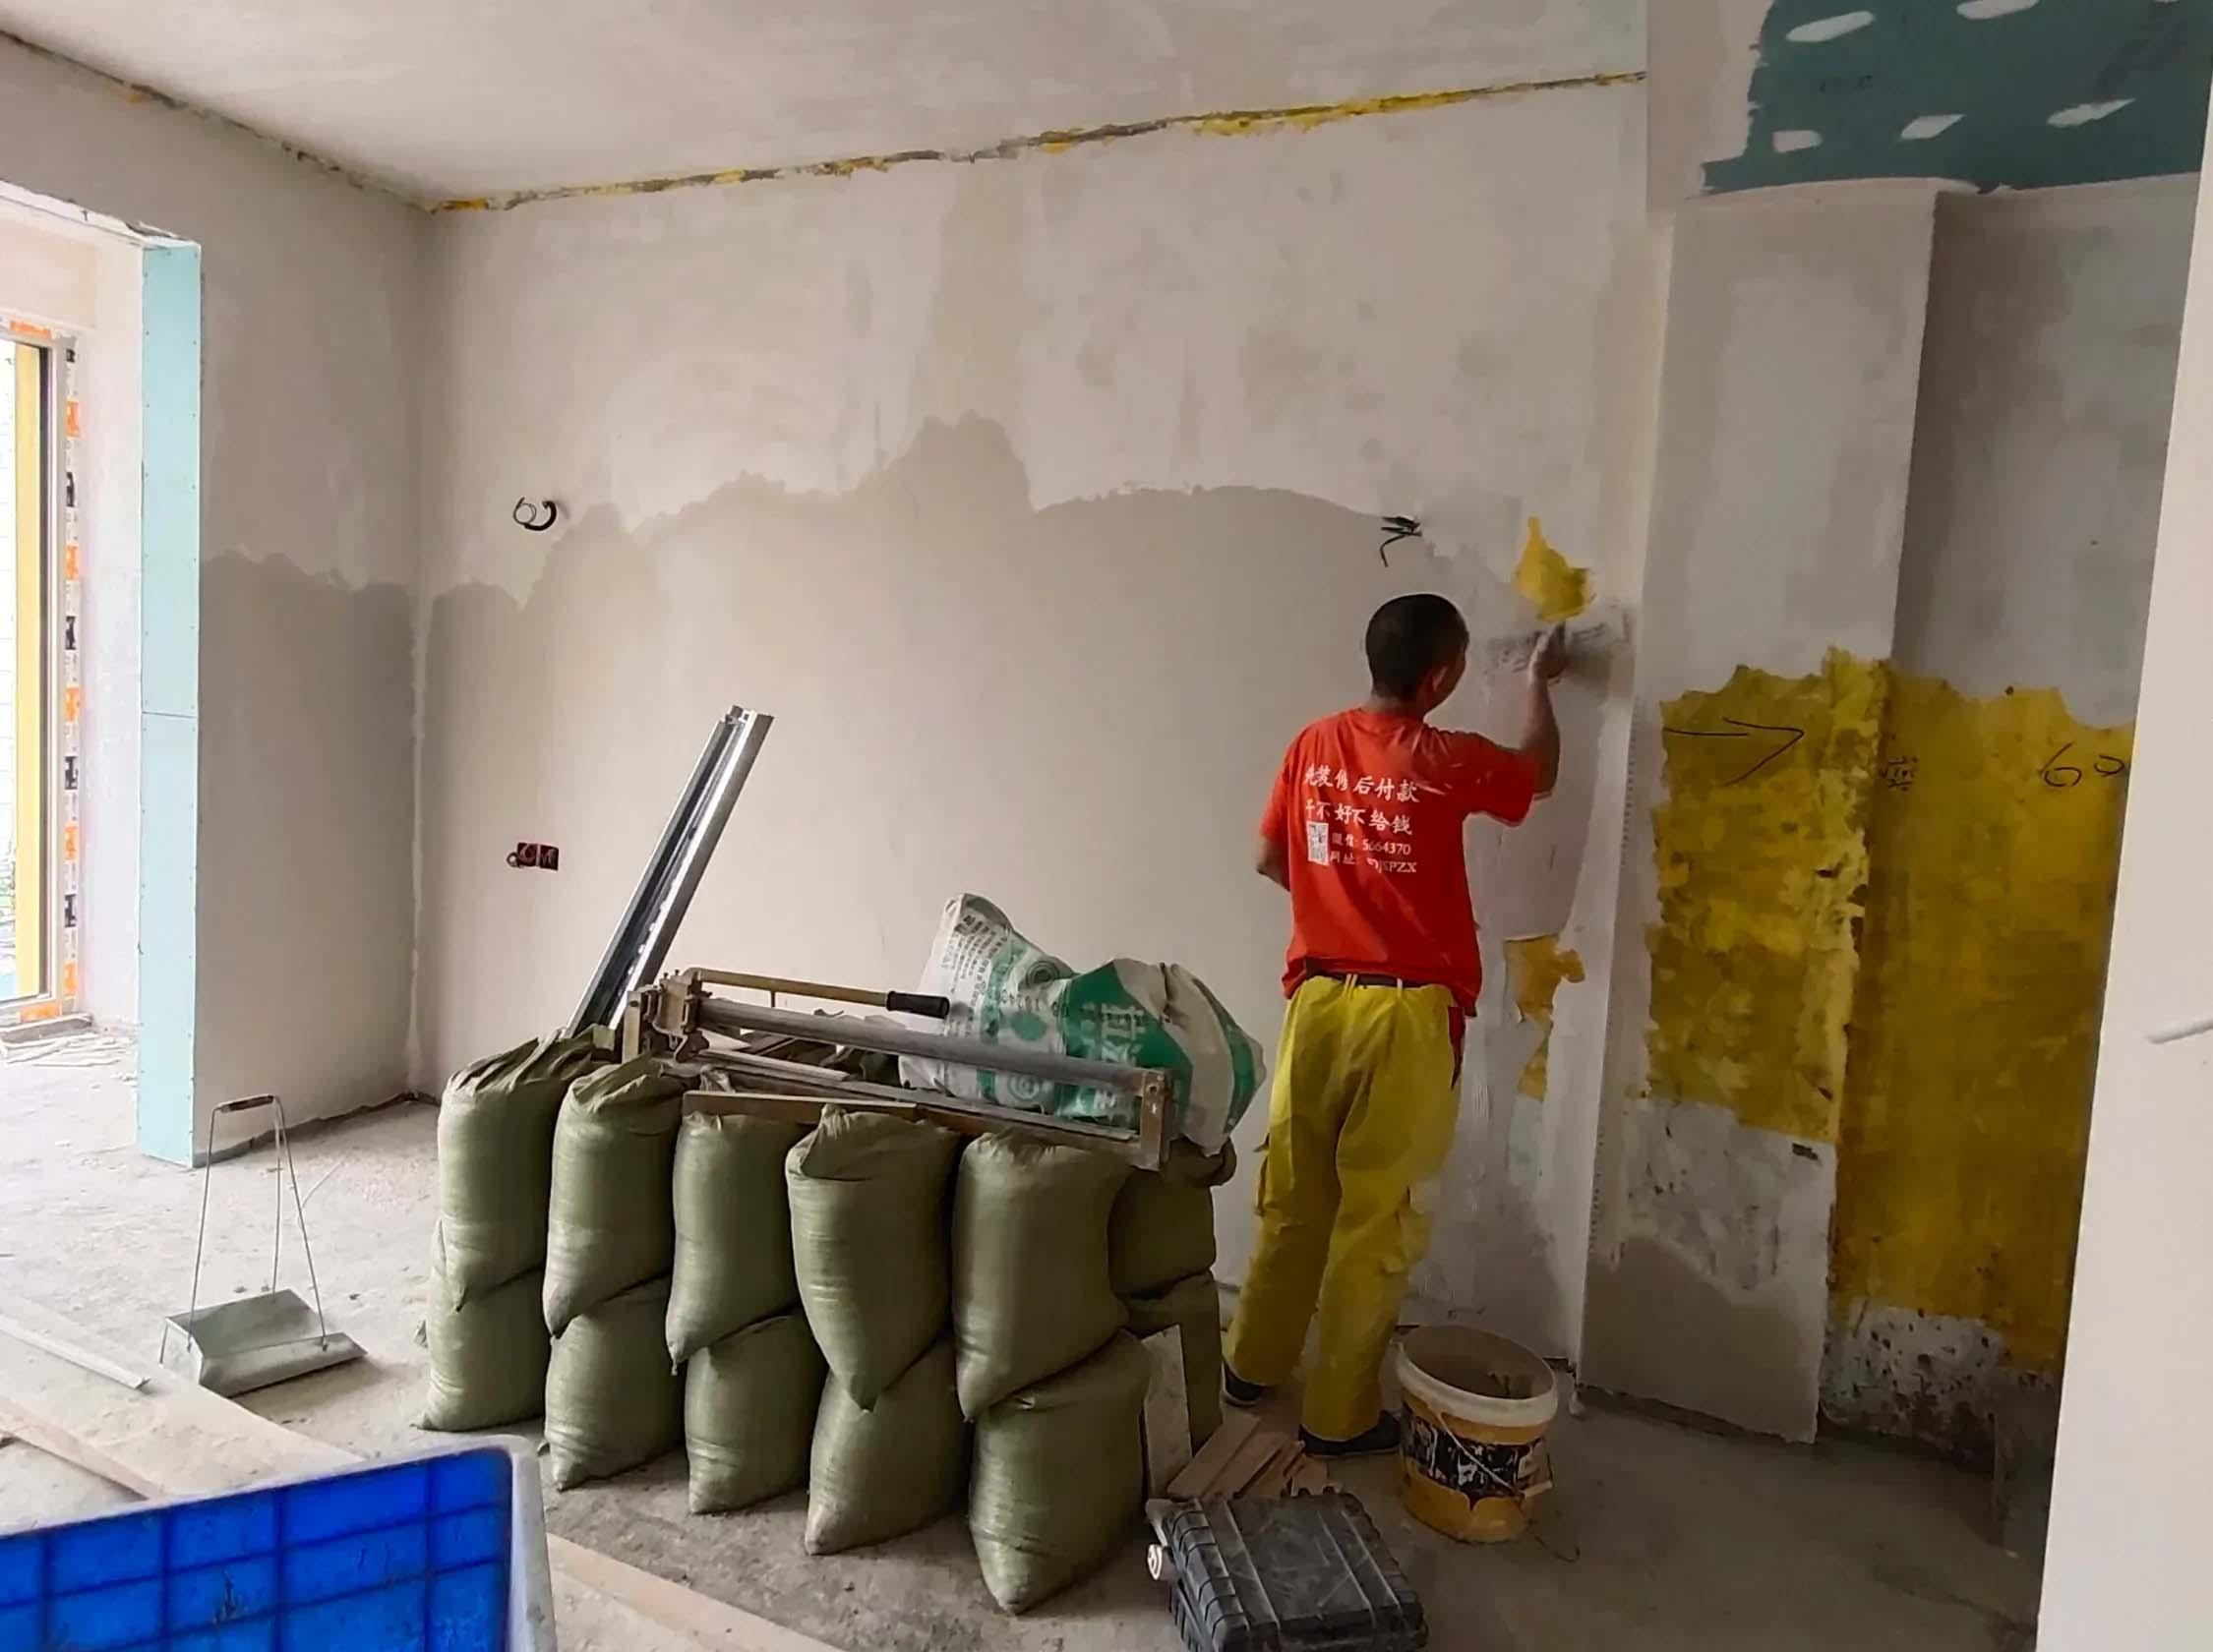 成都装修工地聚星城,墙面石膏腻子照片施工中